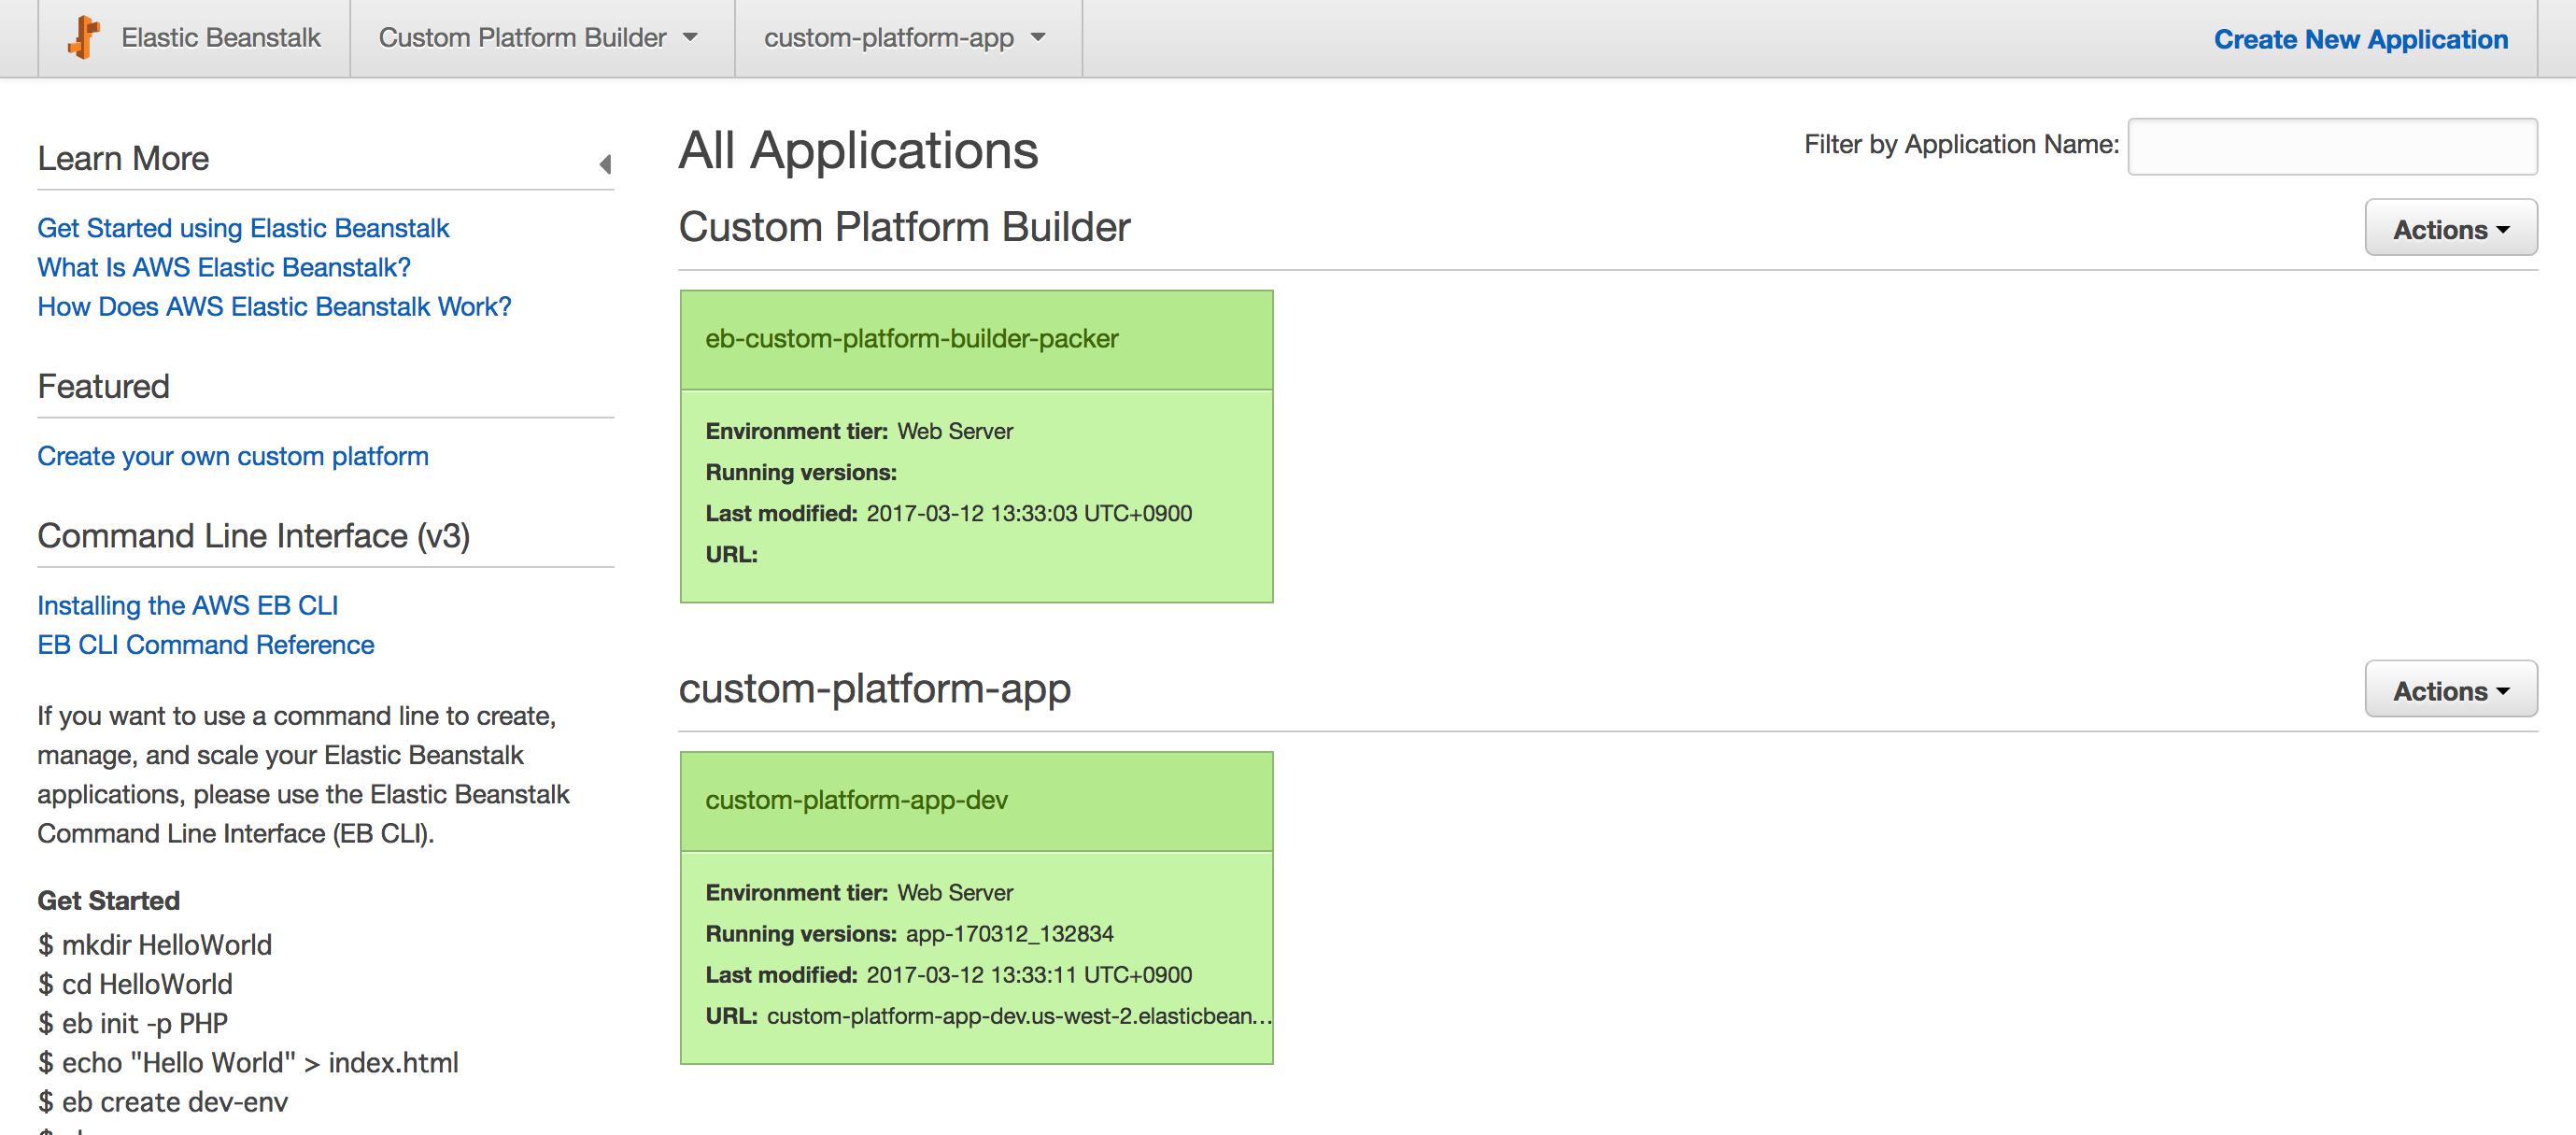 Elastic_Beanstalk_Applications 4